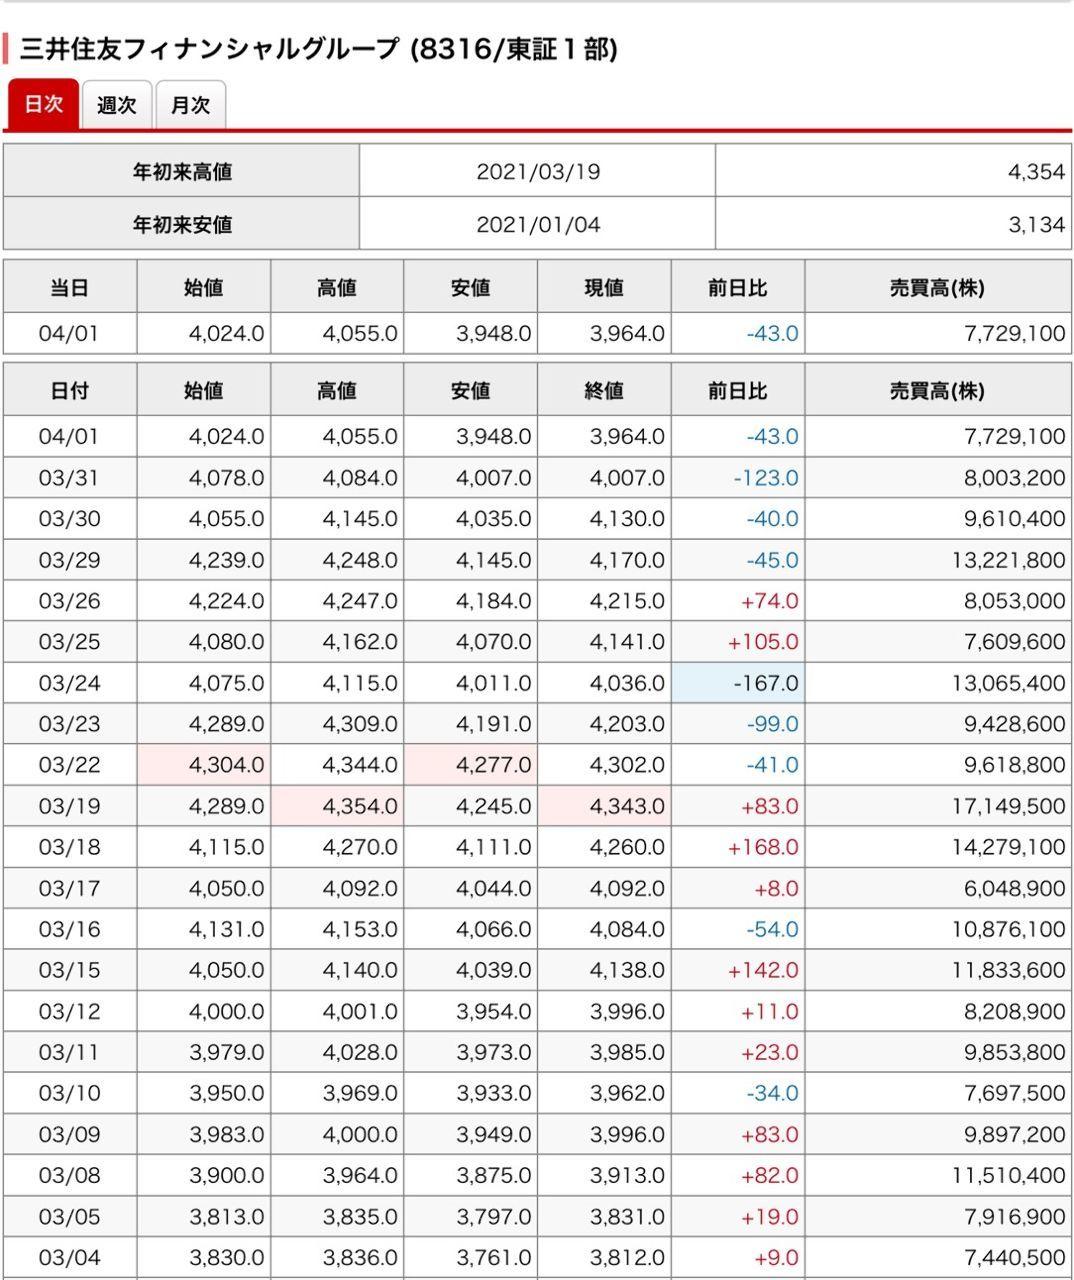 8316 - (株)三井住友フィナンシャルグループ 4日投げ売られたので、反発もありますわ(╹◡╹)♡